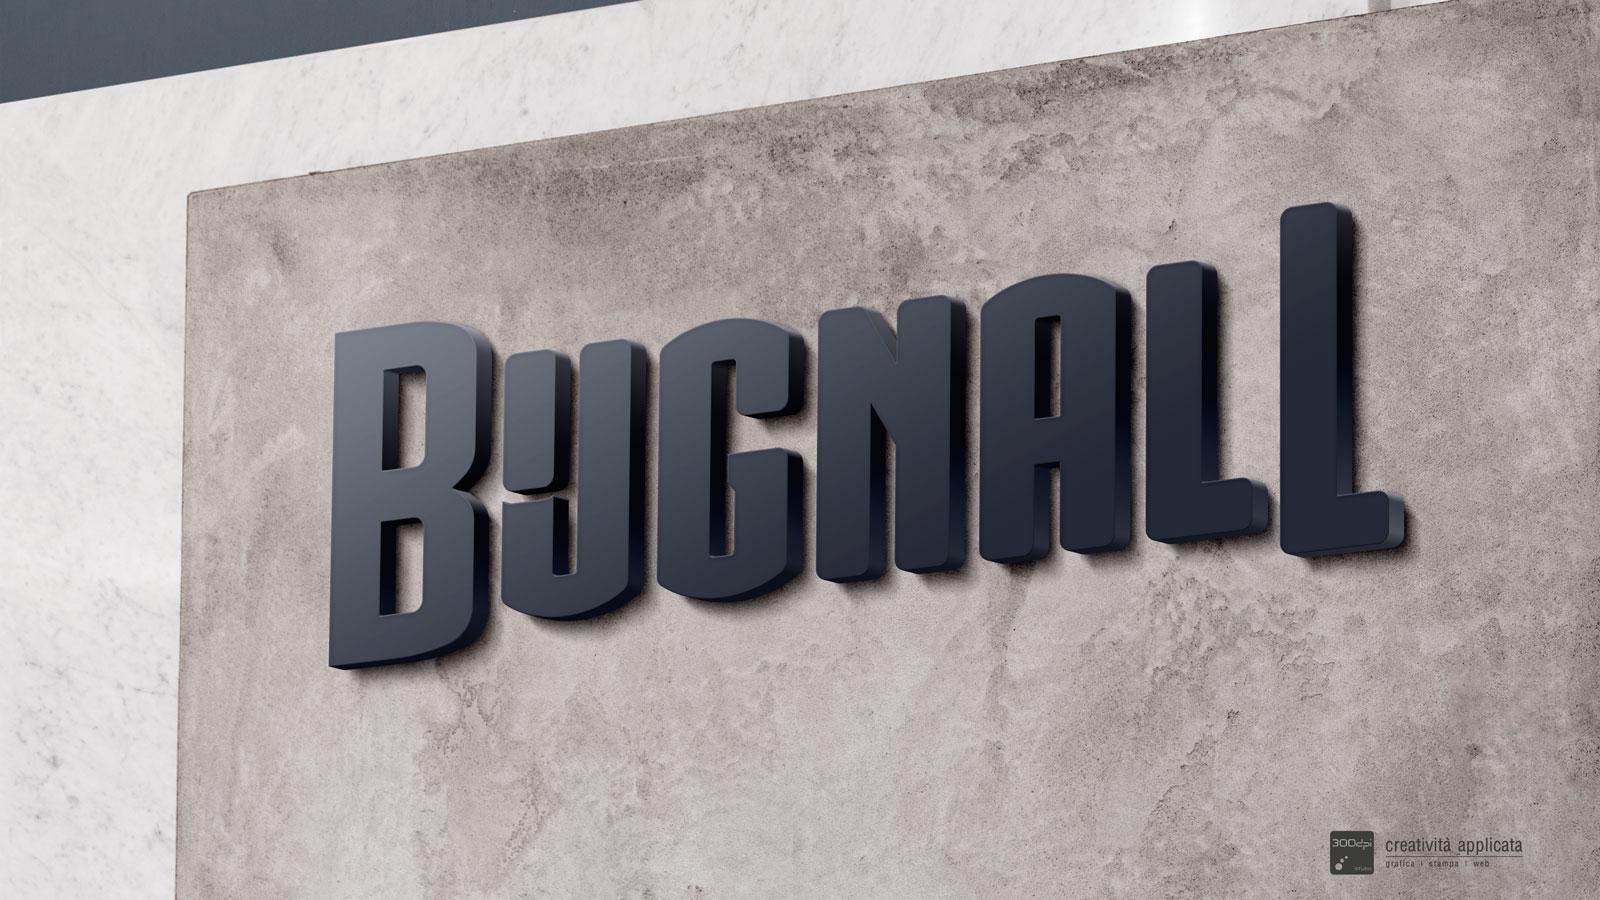 Logo Bugnall Cimarelli - design Emanuele Nonni - 300dpi STUDIO